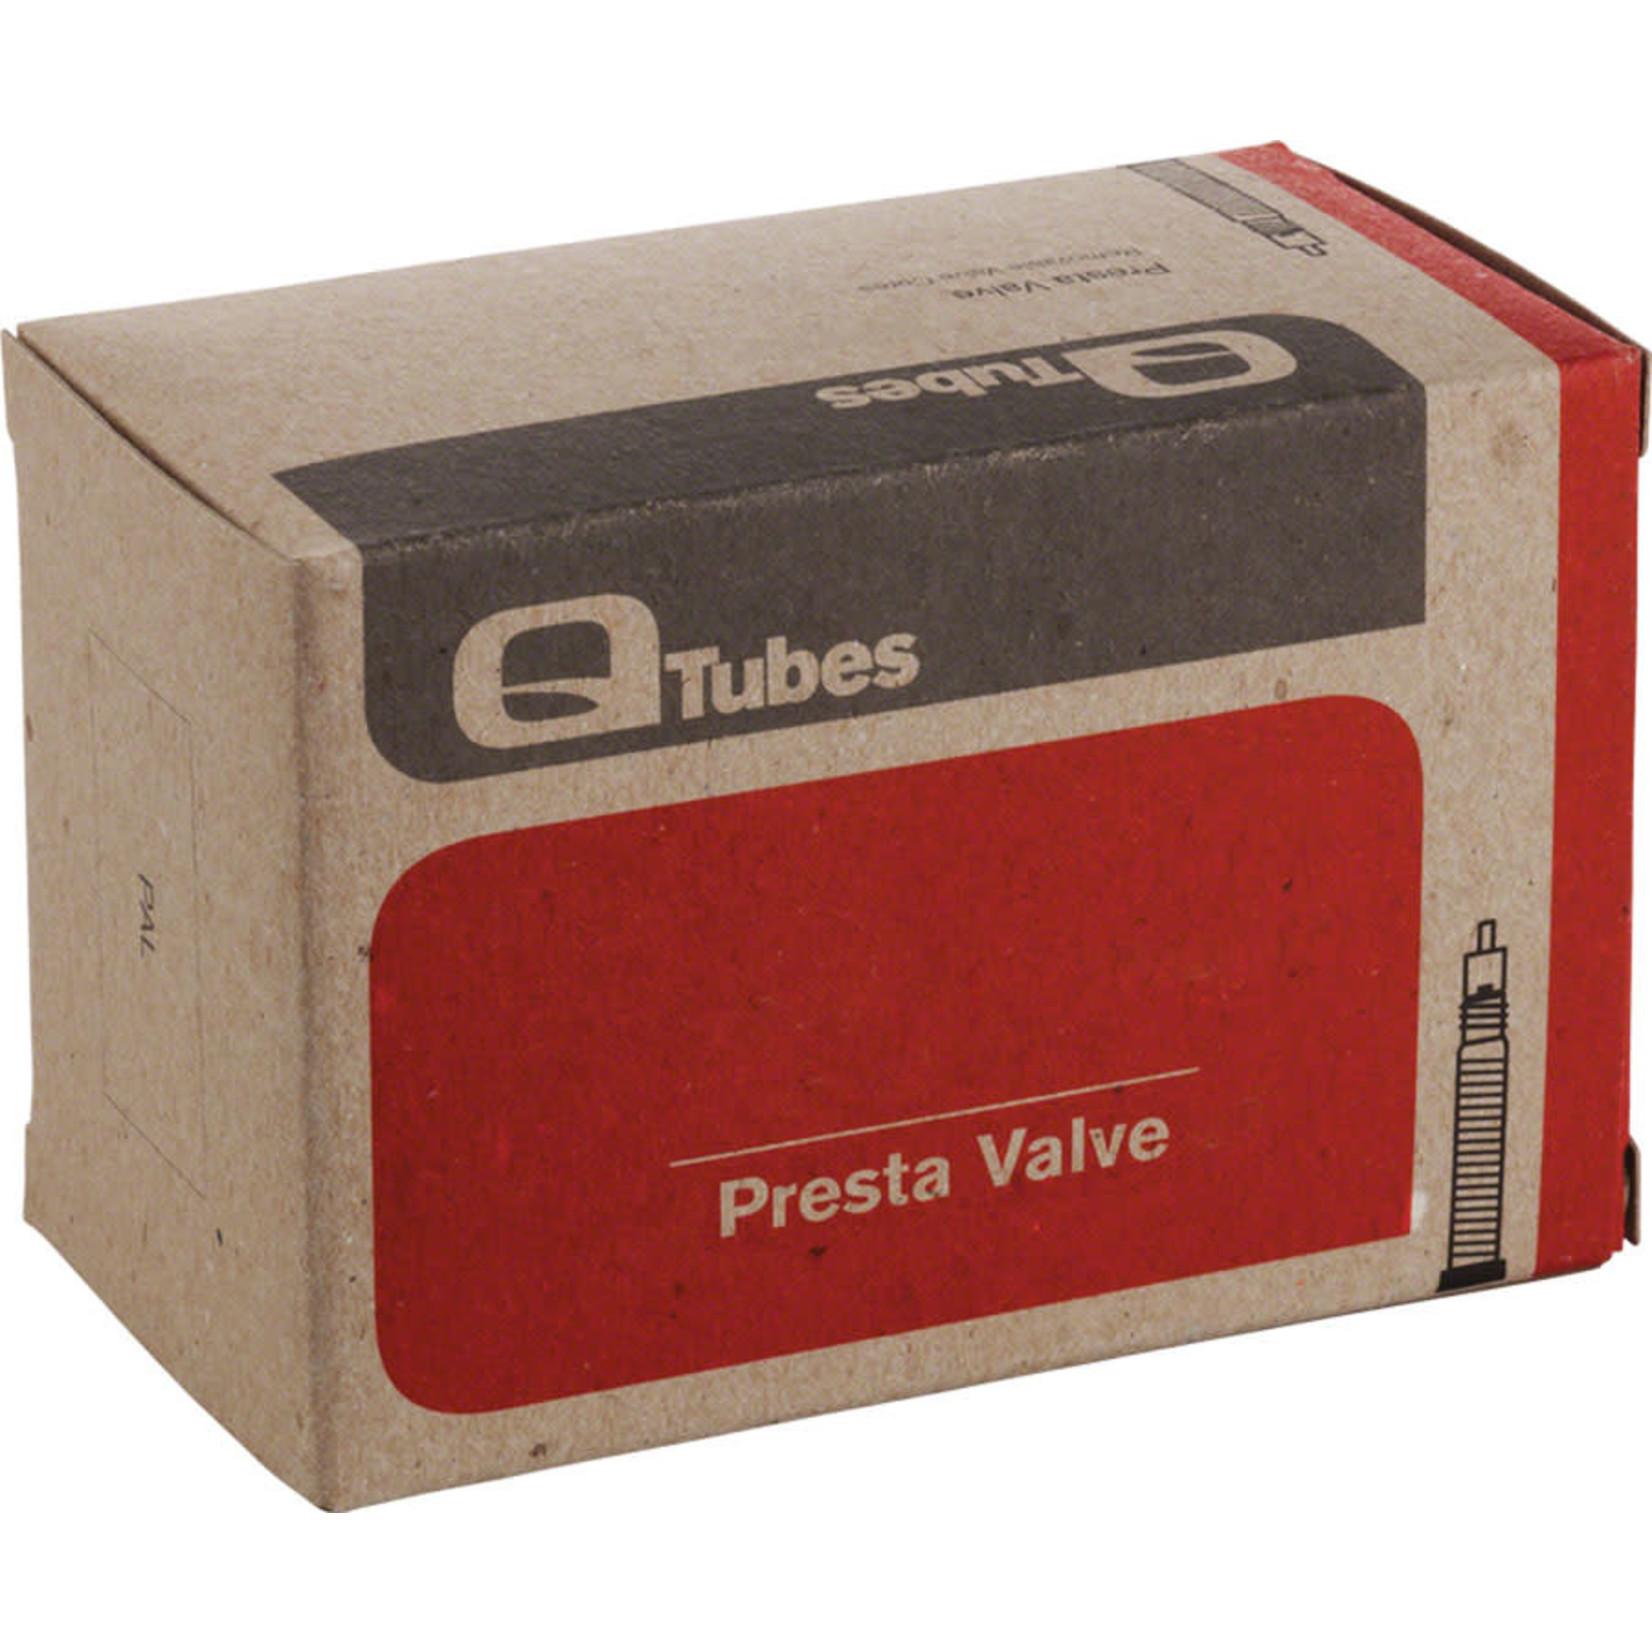 Q-Tubes Q-Tubes 650b x 35-43mm 32mm Presta Valve Tube 584mm ETRTO